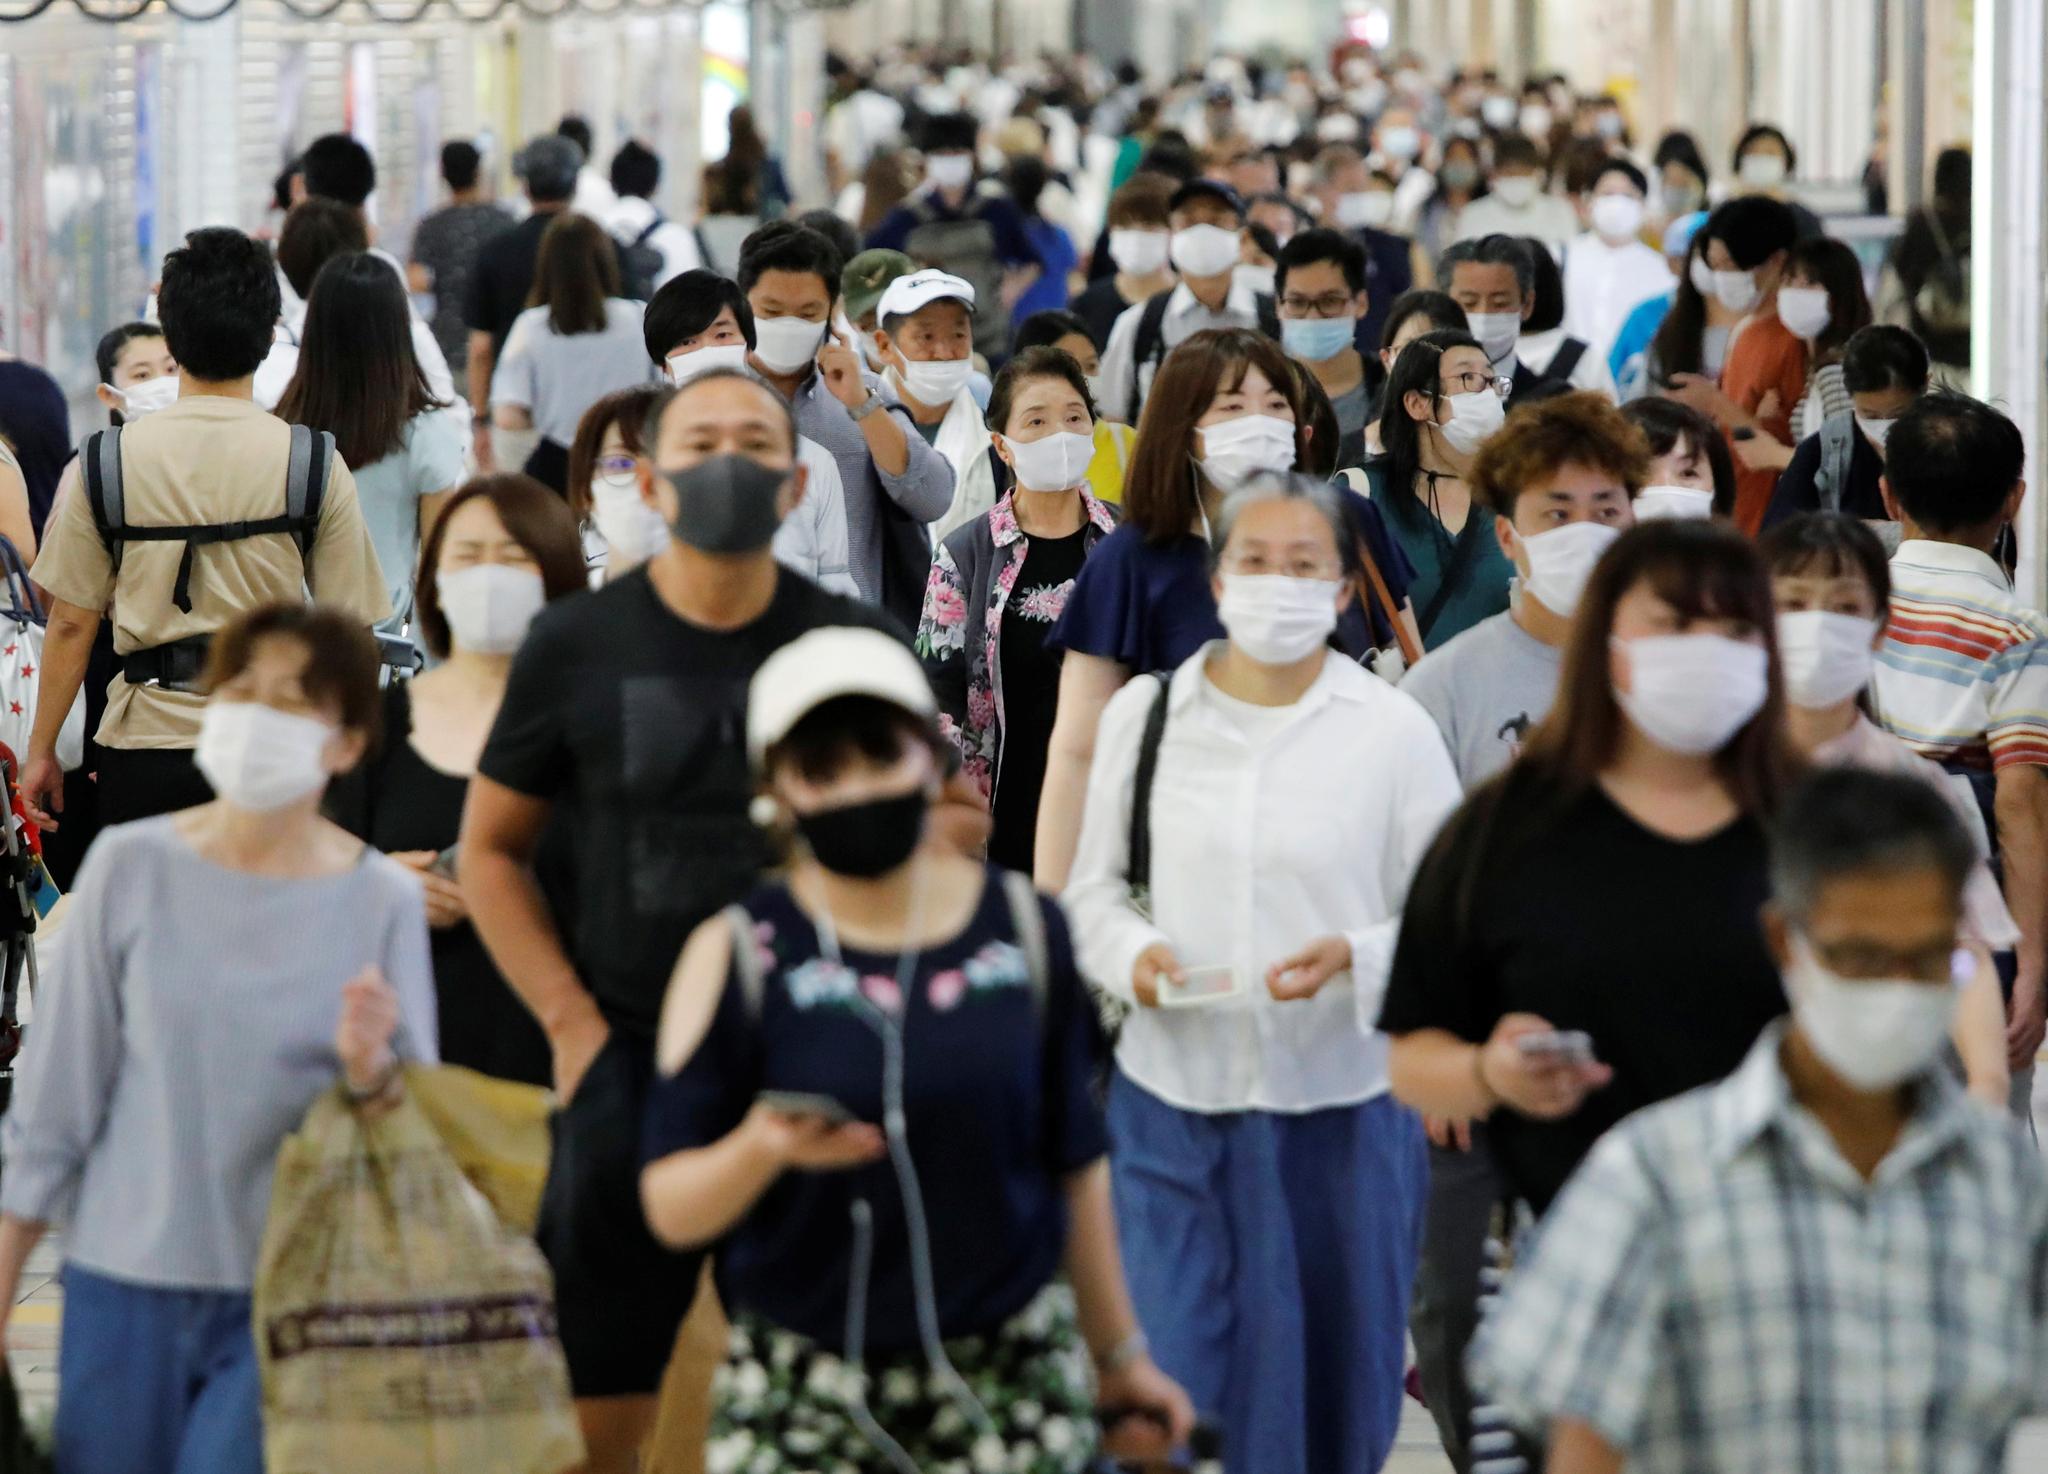 마스크 쓴 인류 '호모 마스쿠스(Homo maskus)'의 등장. 일본 도쿄 지하철을 이용하는 시민들이 신종 코로나감염증을 예방하기 위해 마스크를 착용하고 있다. 로이터=연합뉴스